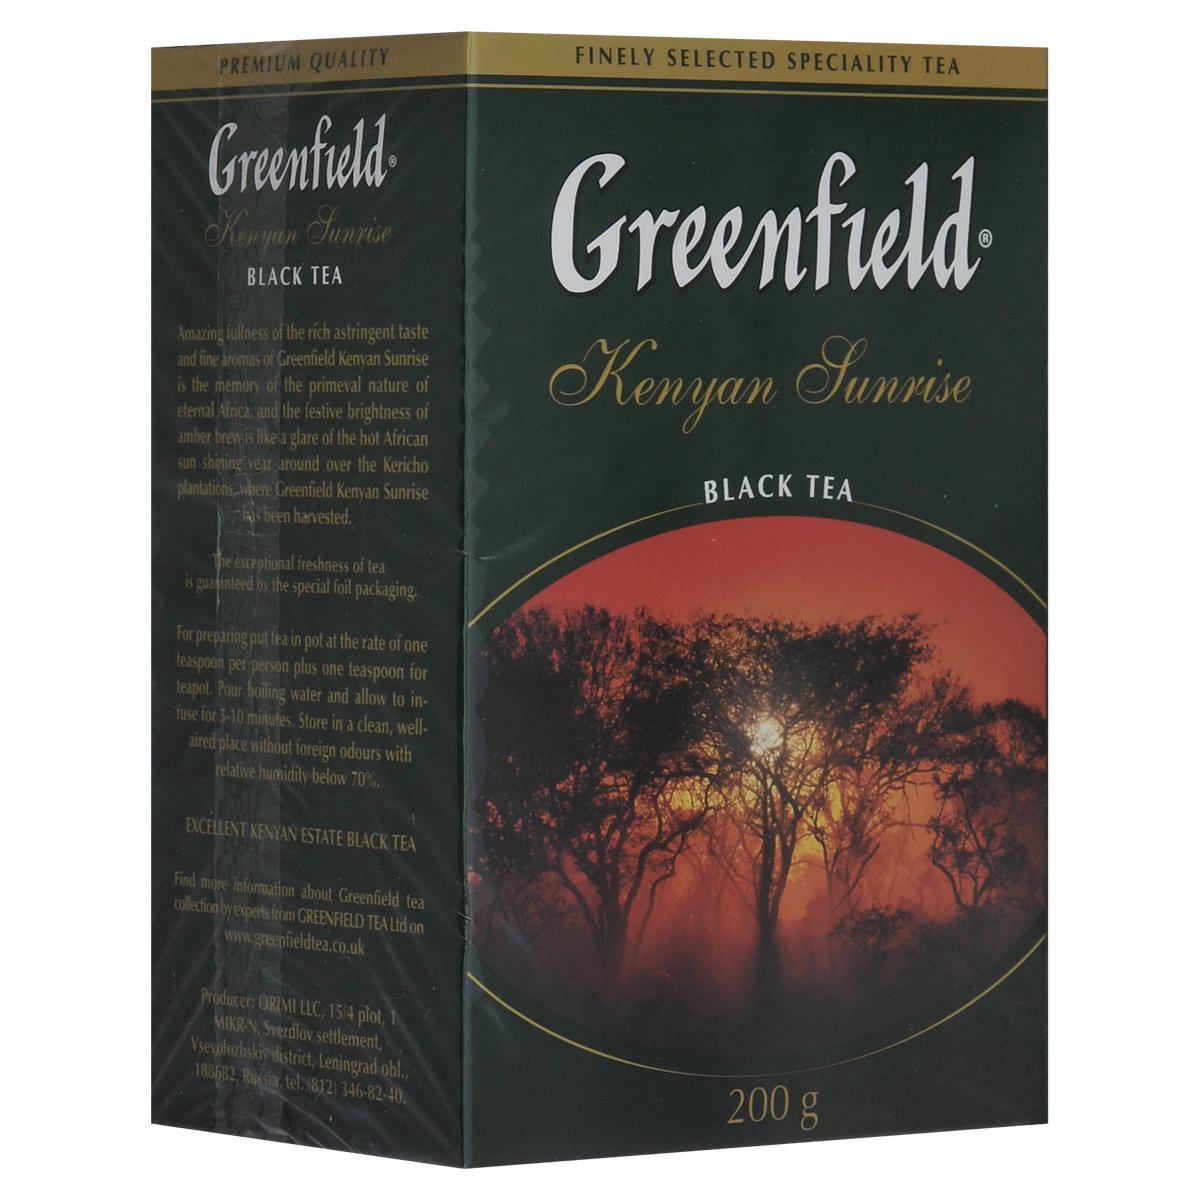 Greenfield Kenyan Sunrise черный листовой чай, 200 г0795-14Высокогорный листовой кенийский чай из района Керичо. Все плантации Керичо расположены на высоте более 2000 метров над уровнем моря, здесь всегда прохладно и очень влажно за счет ежедневных обильных дождей. Эти климатические особенности создают великолепные условия для роста чайного растения. Кроме того, кенийские чаи ценятся во всем мире как экологически чистые продукты, поскольку выращиваются на большой высоте, в разряженном горном воздухе. Кениан Санрайз отличается своеобразным, очень нежным ароматом, удивительной насыщенностью и особой полнотой янтарного настоя, присущей всем сортам дорогого кенийского чая. Идеально сочетается с молоком.